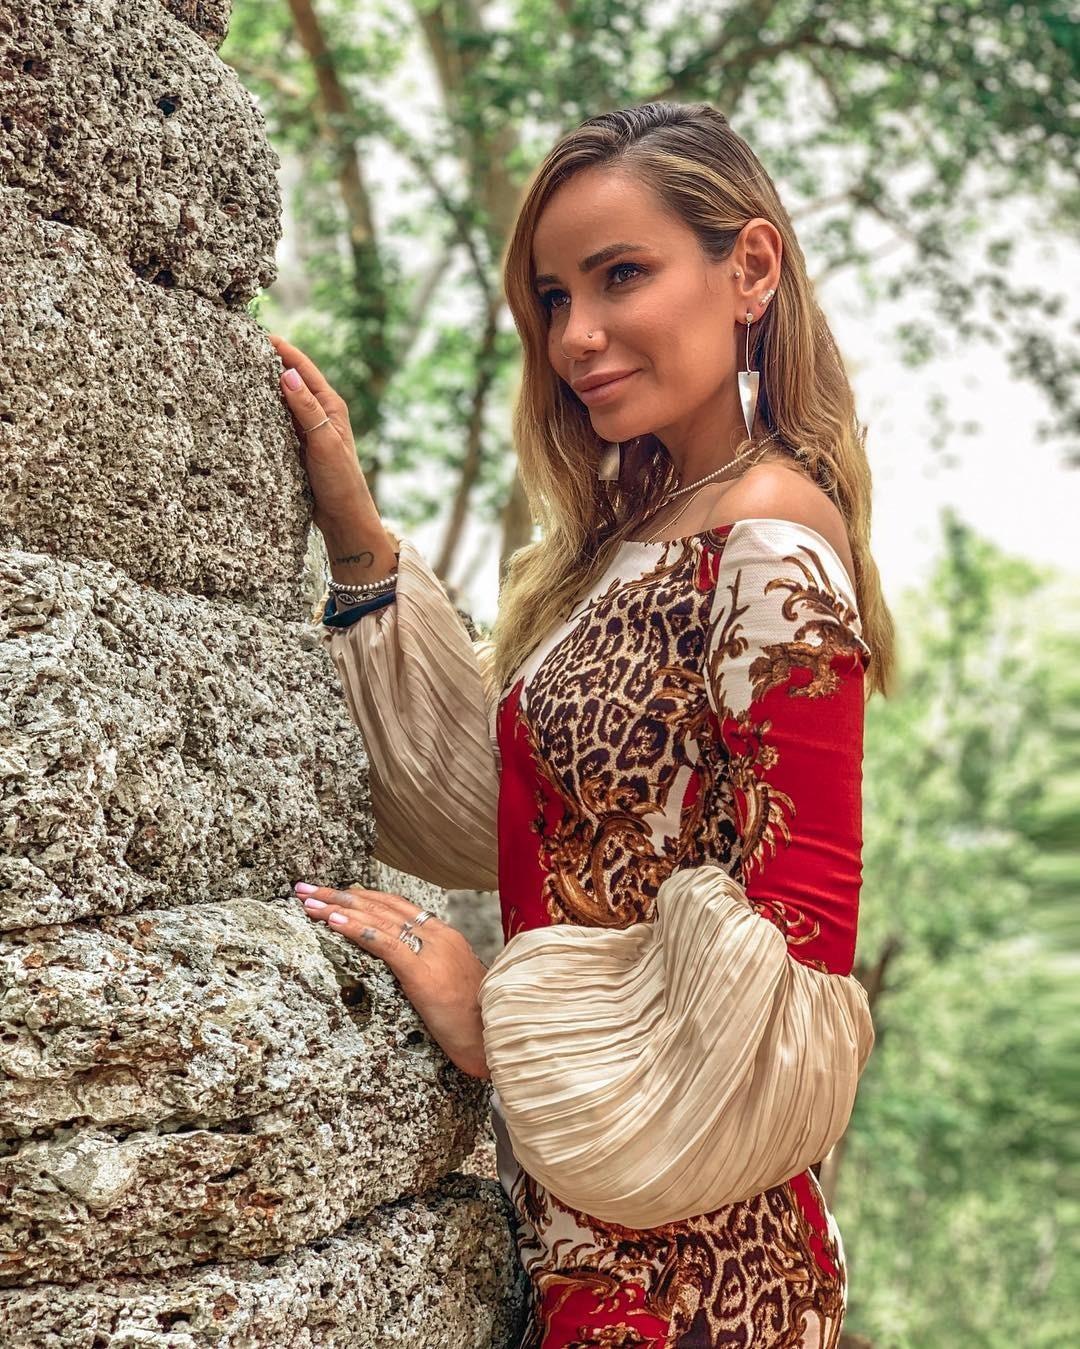 Айза Анохина обрушилась скритикой наокружение Ольги Бузовой